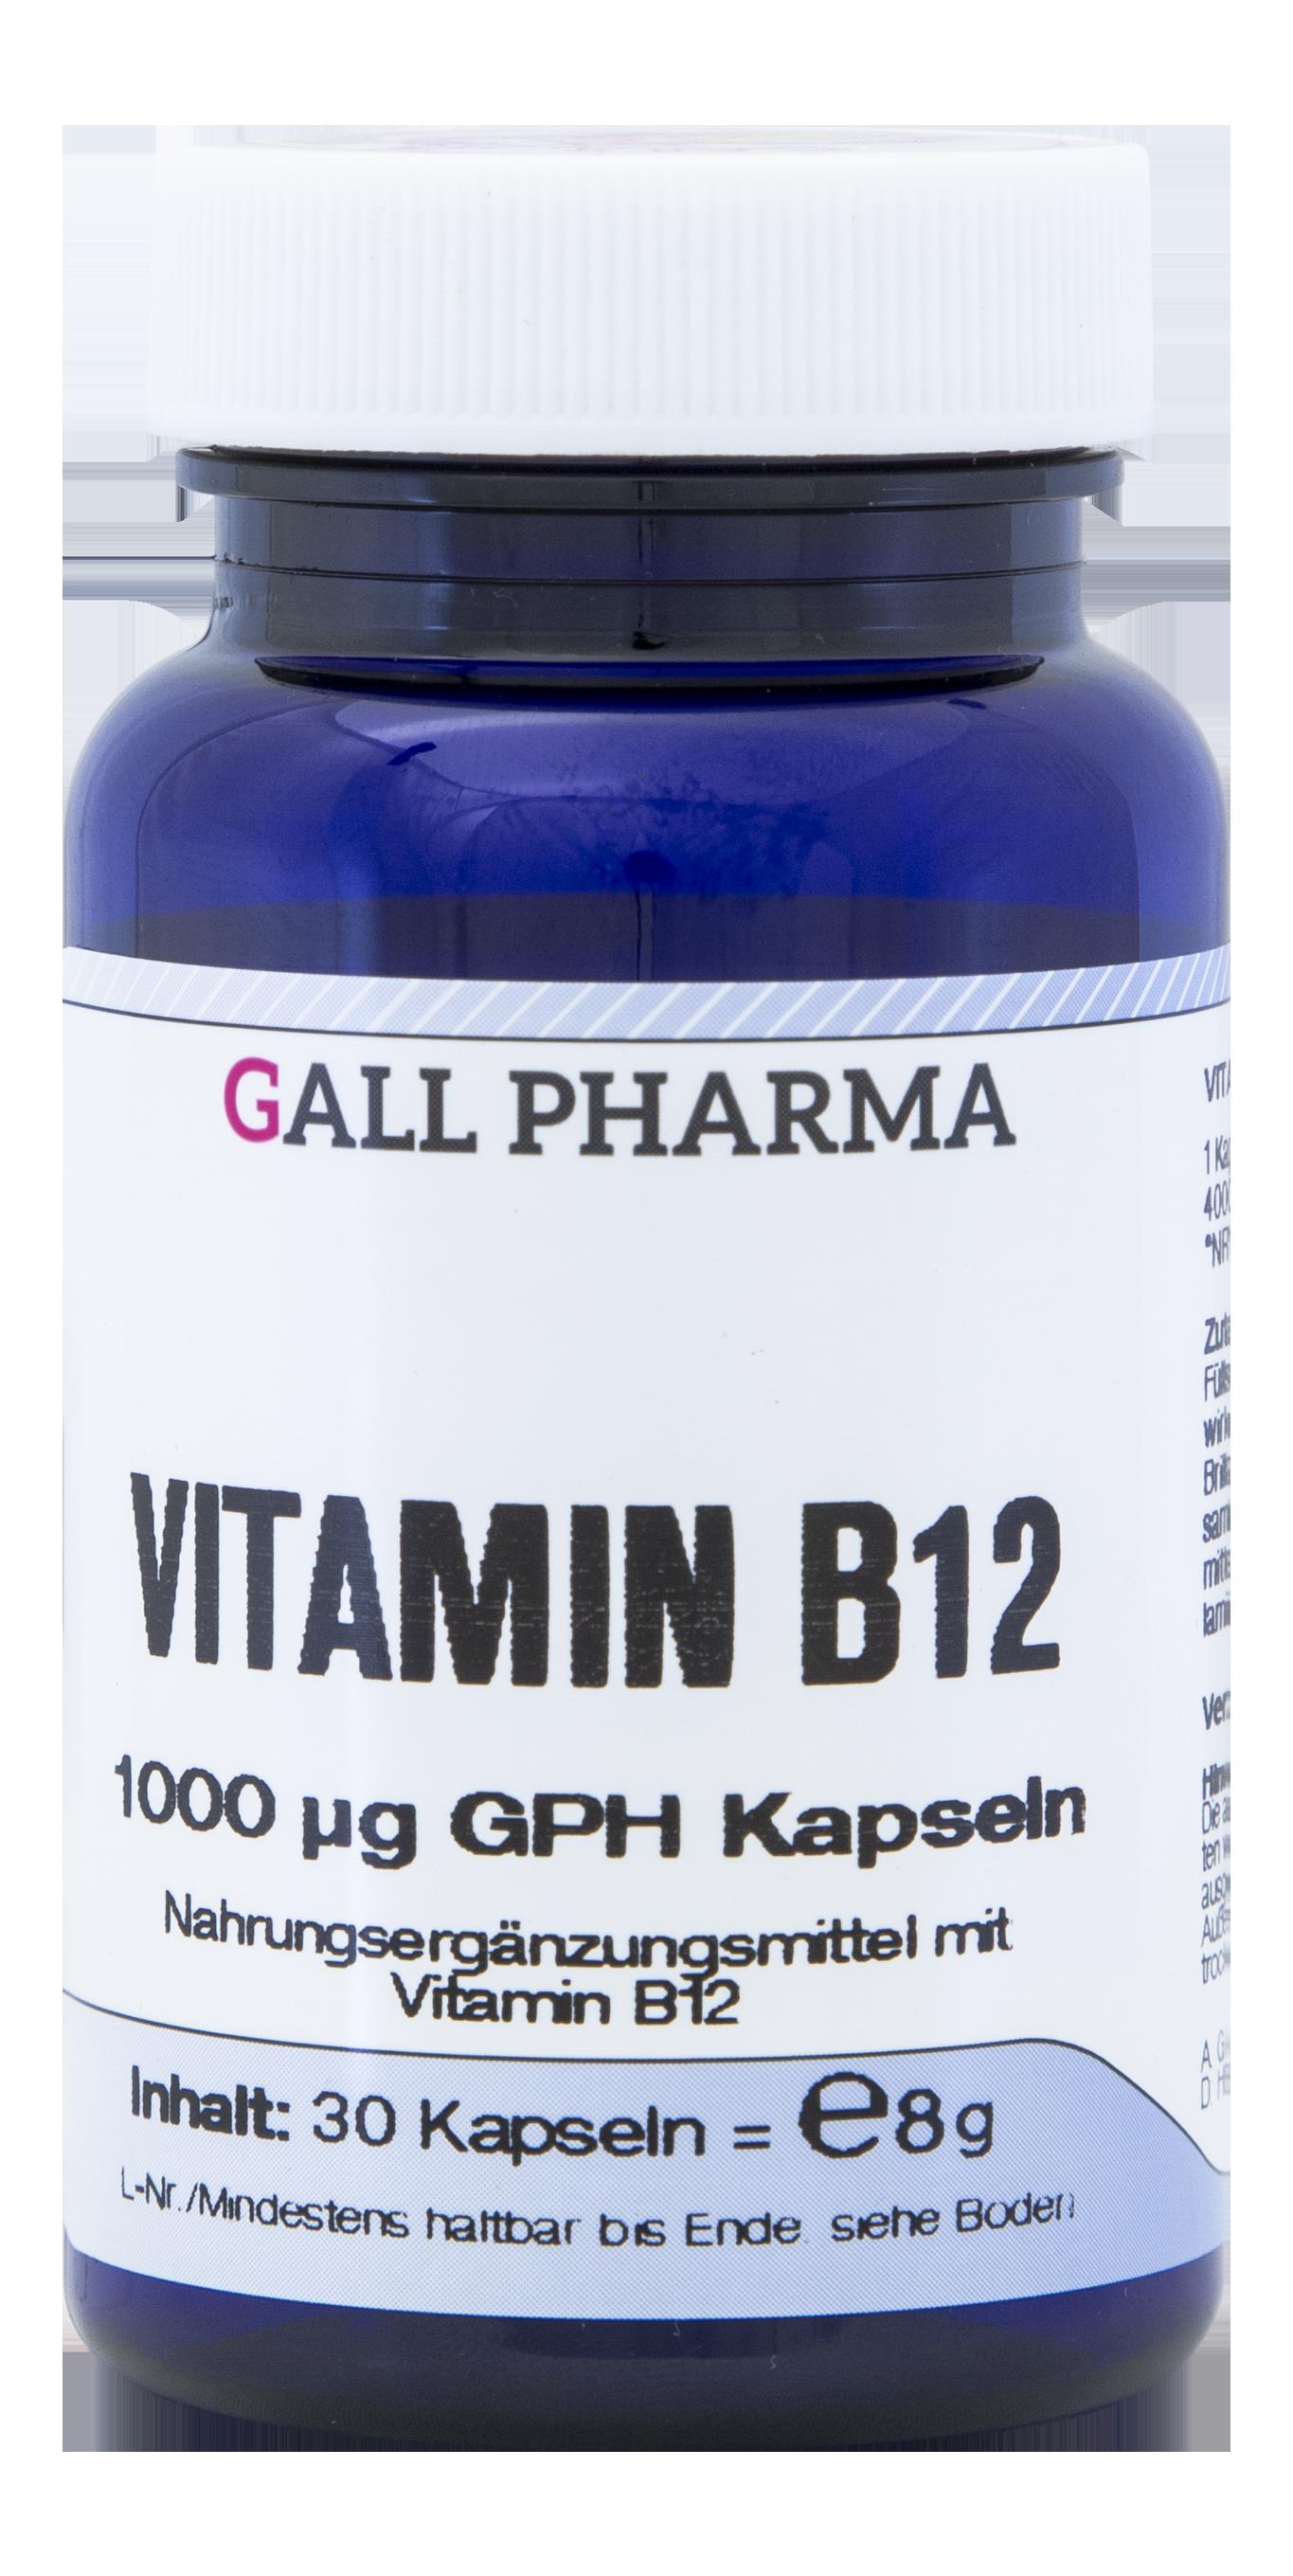 Vitamin B12 1000 µg GPH Kapseln